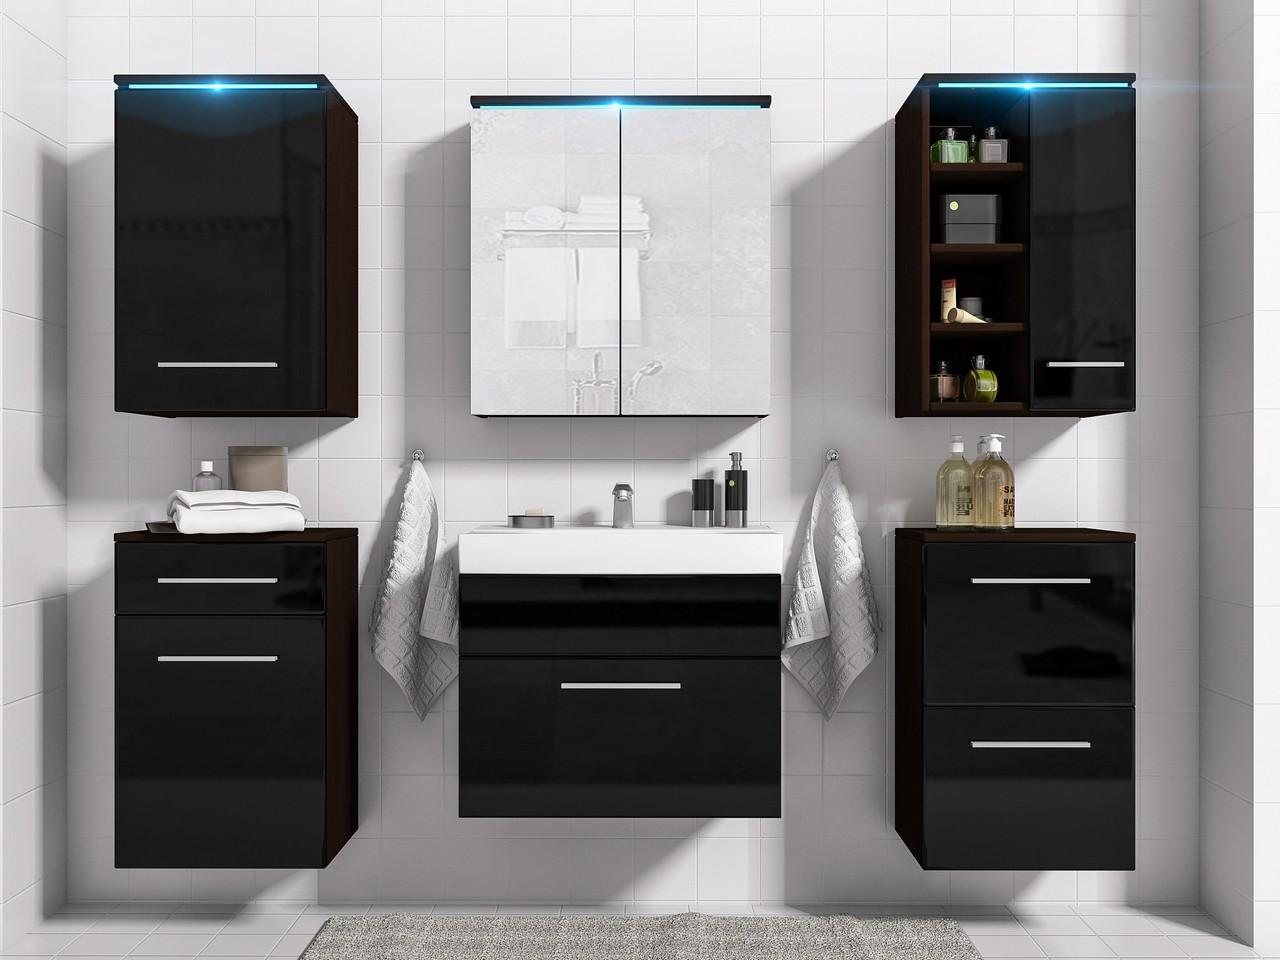 MEBLINE Luxusní koupelna MEGI wenge / černý lesk